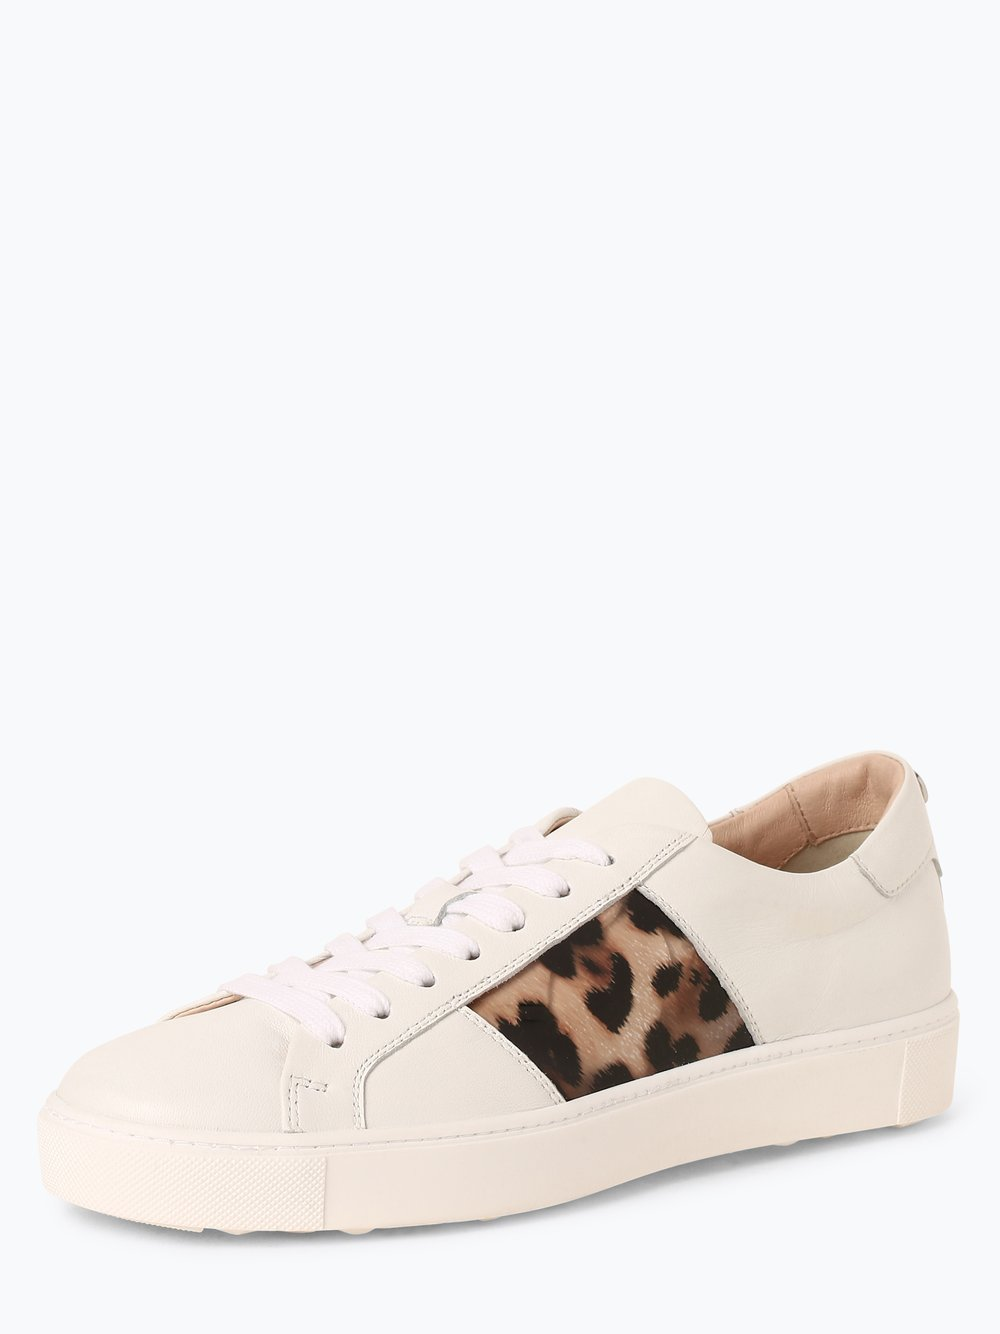 Marc Cain Bags & Shoes - Damskie tenisówki ze skóry, biały